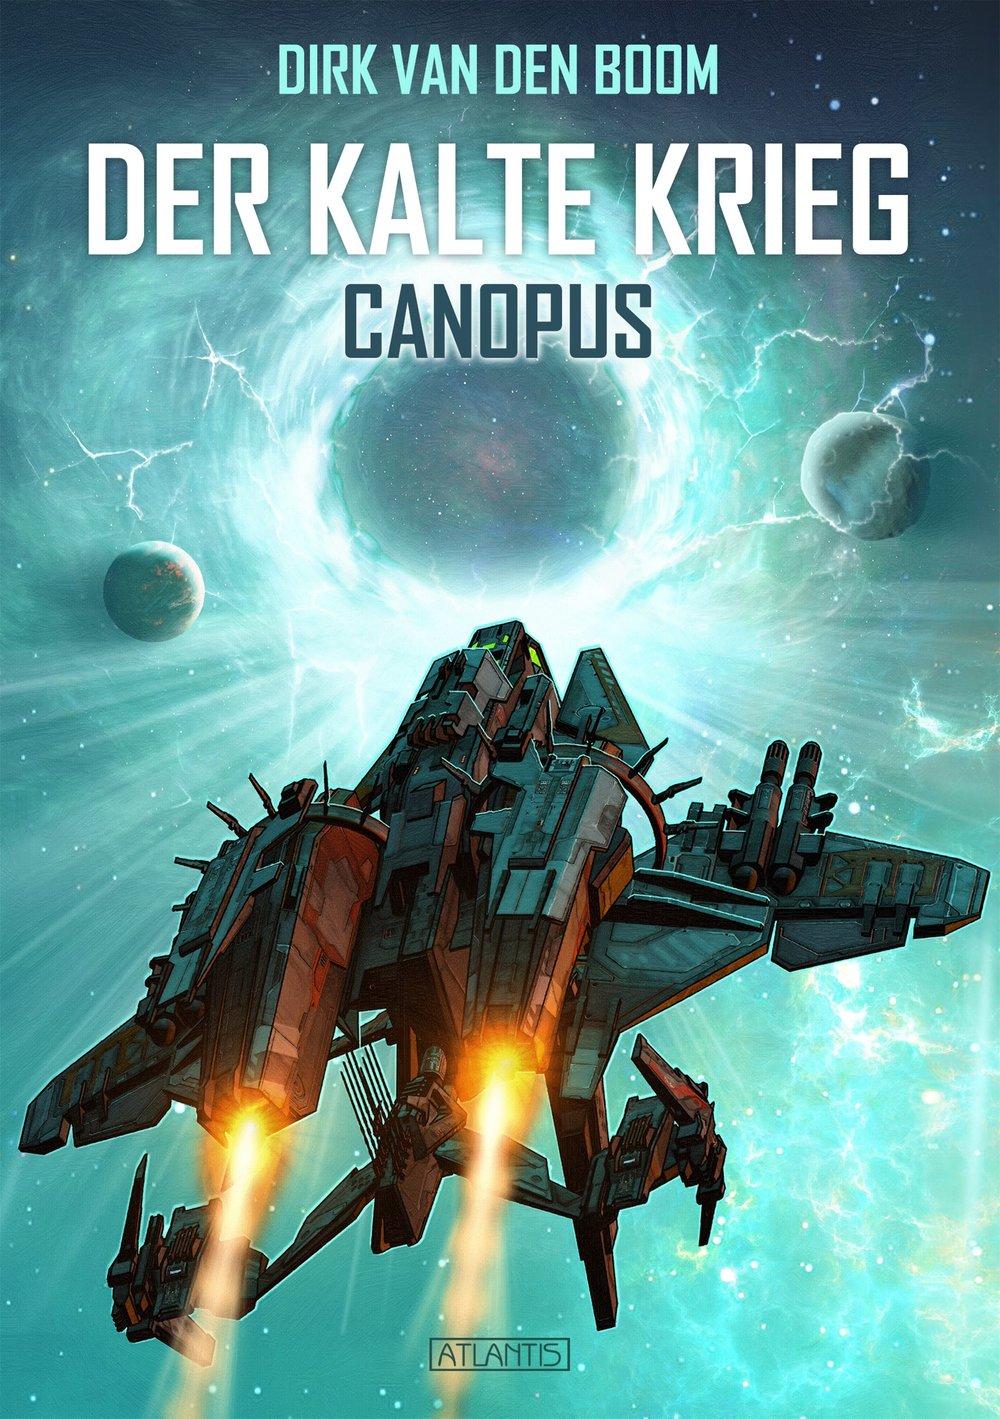 Der-kalte-Krieg-Canopus_Dirk-van-den-Boom.jpg